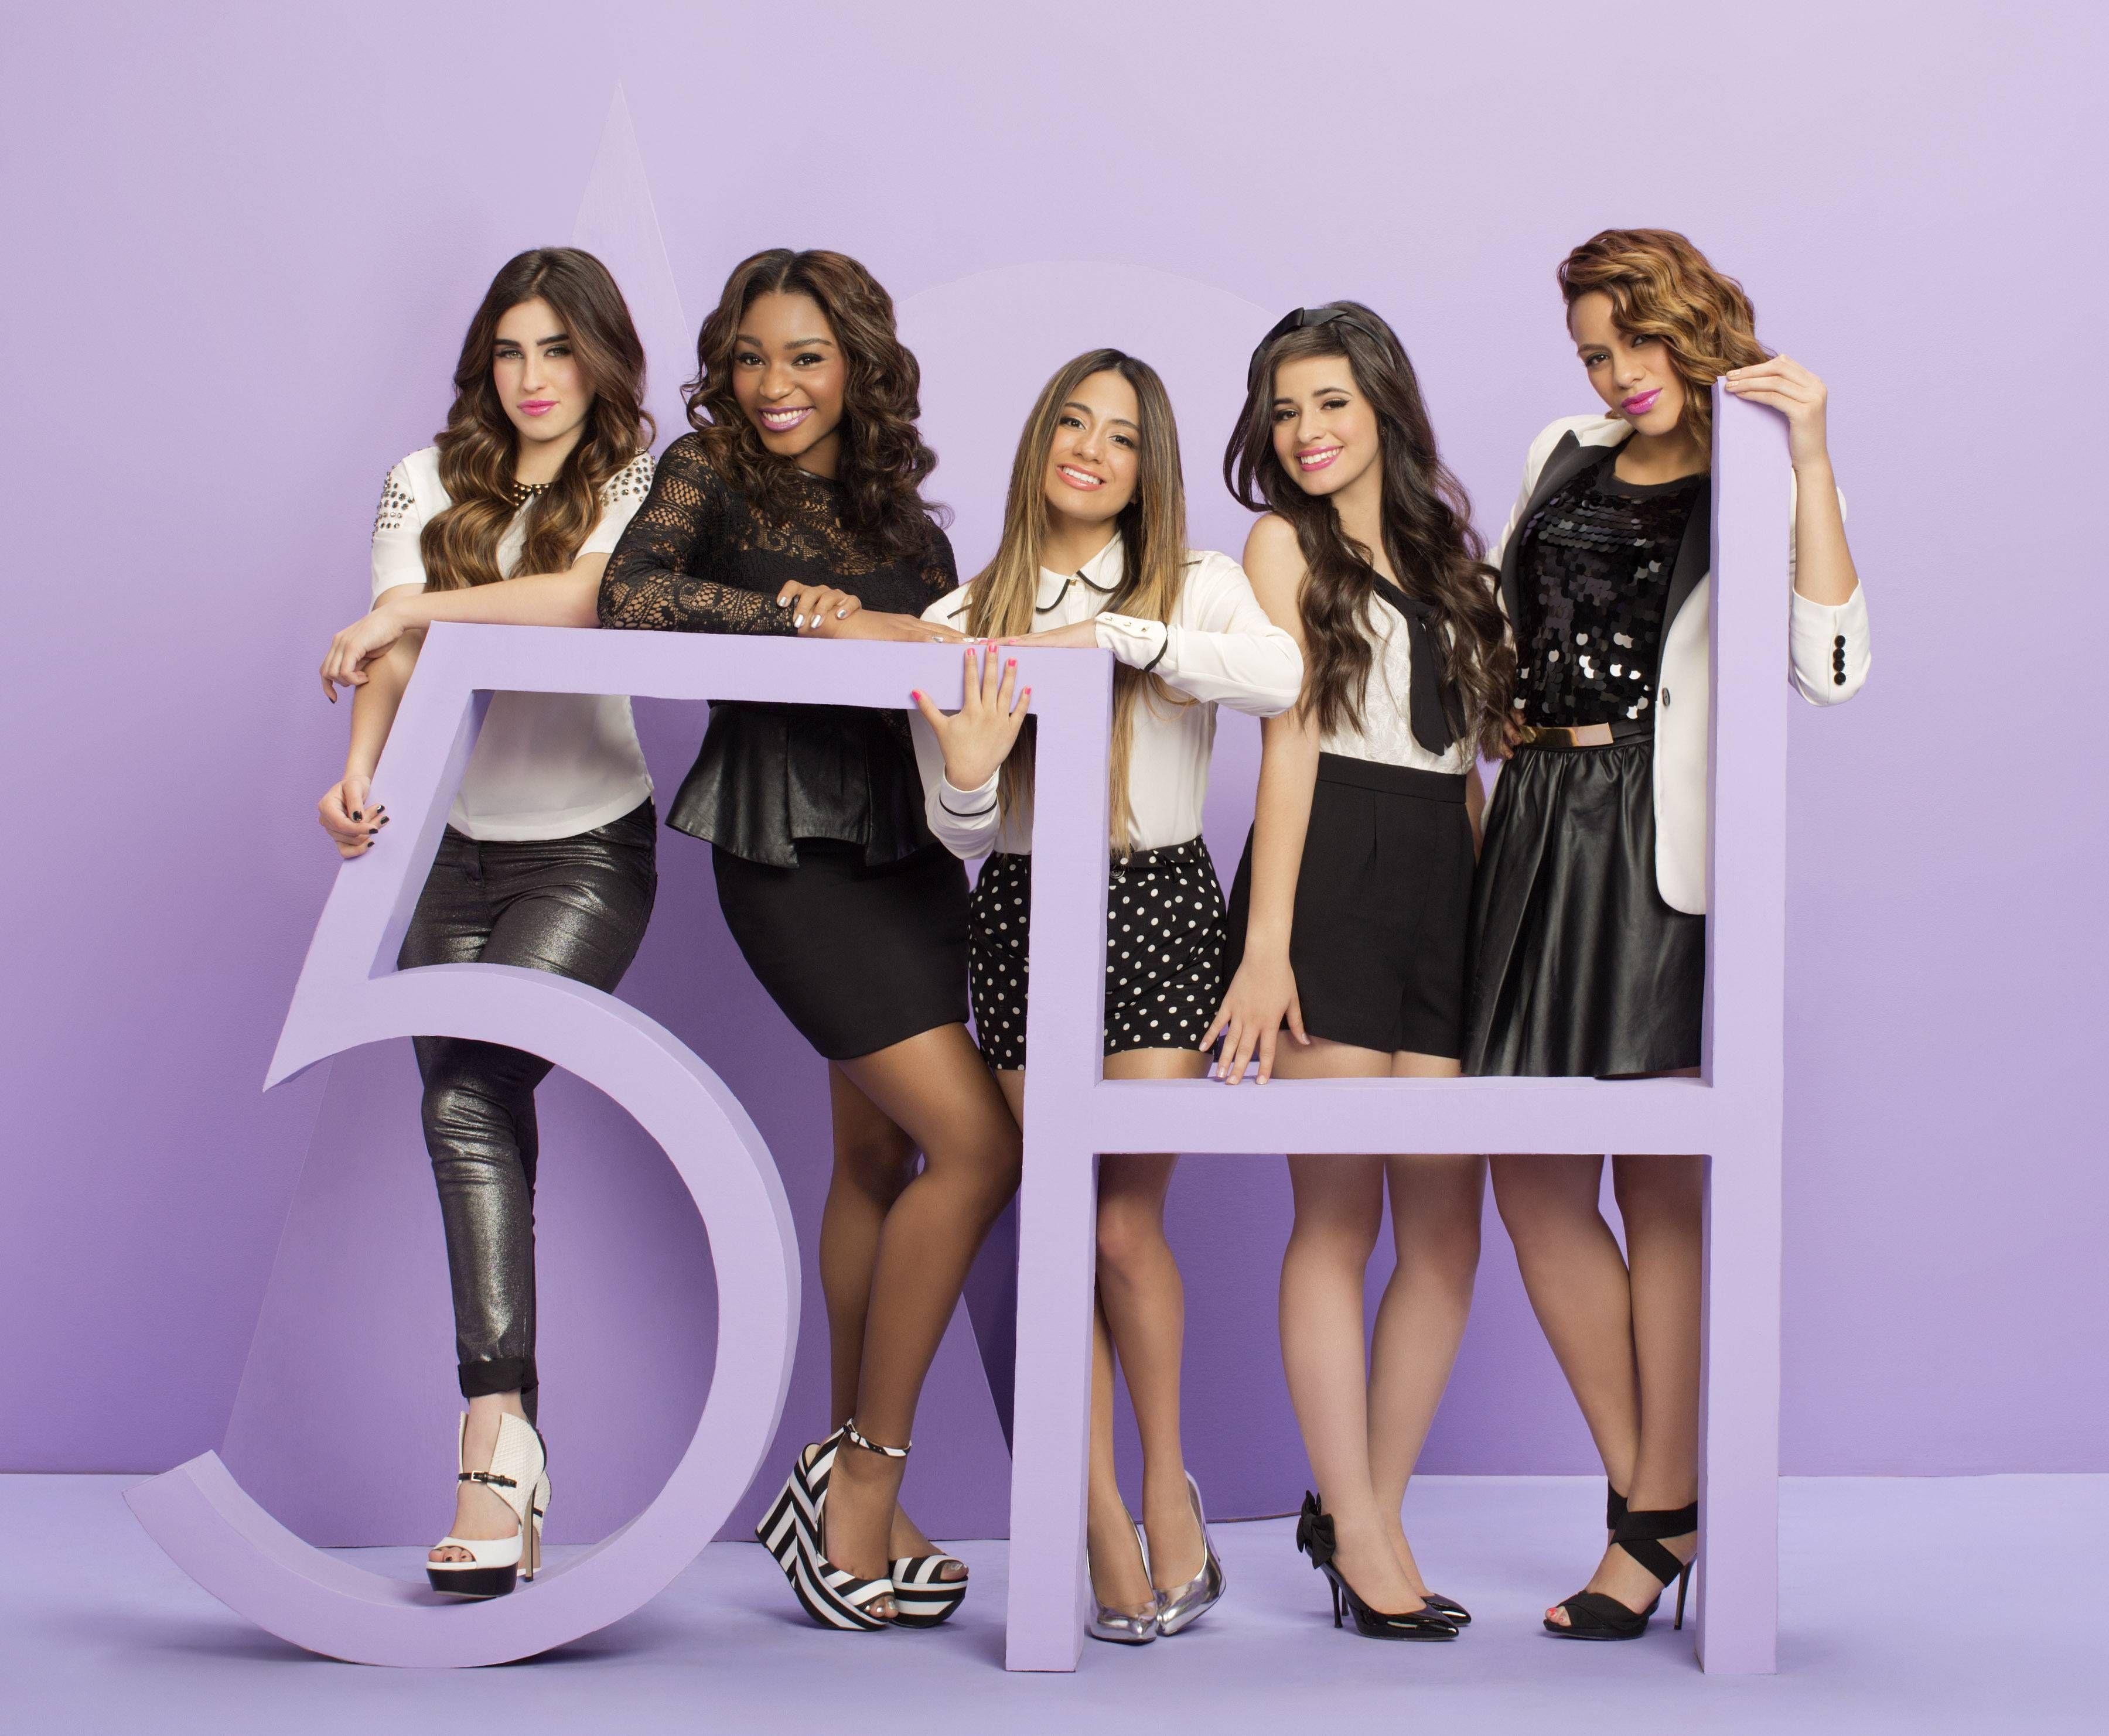 5 girl singing group